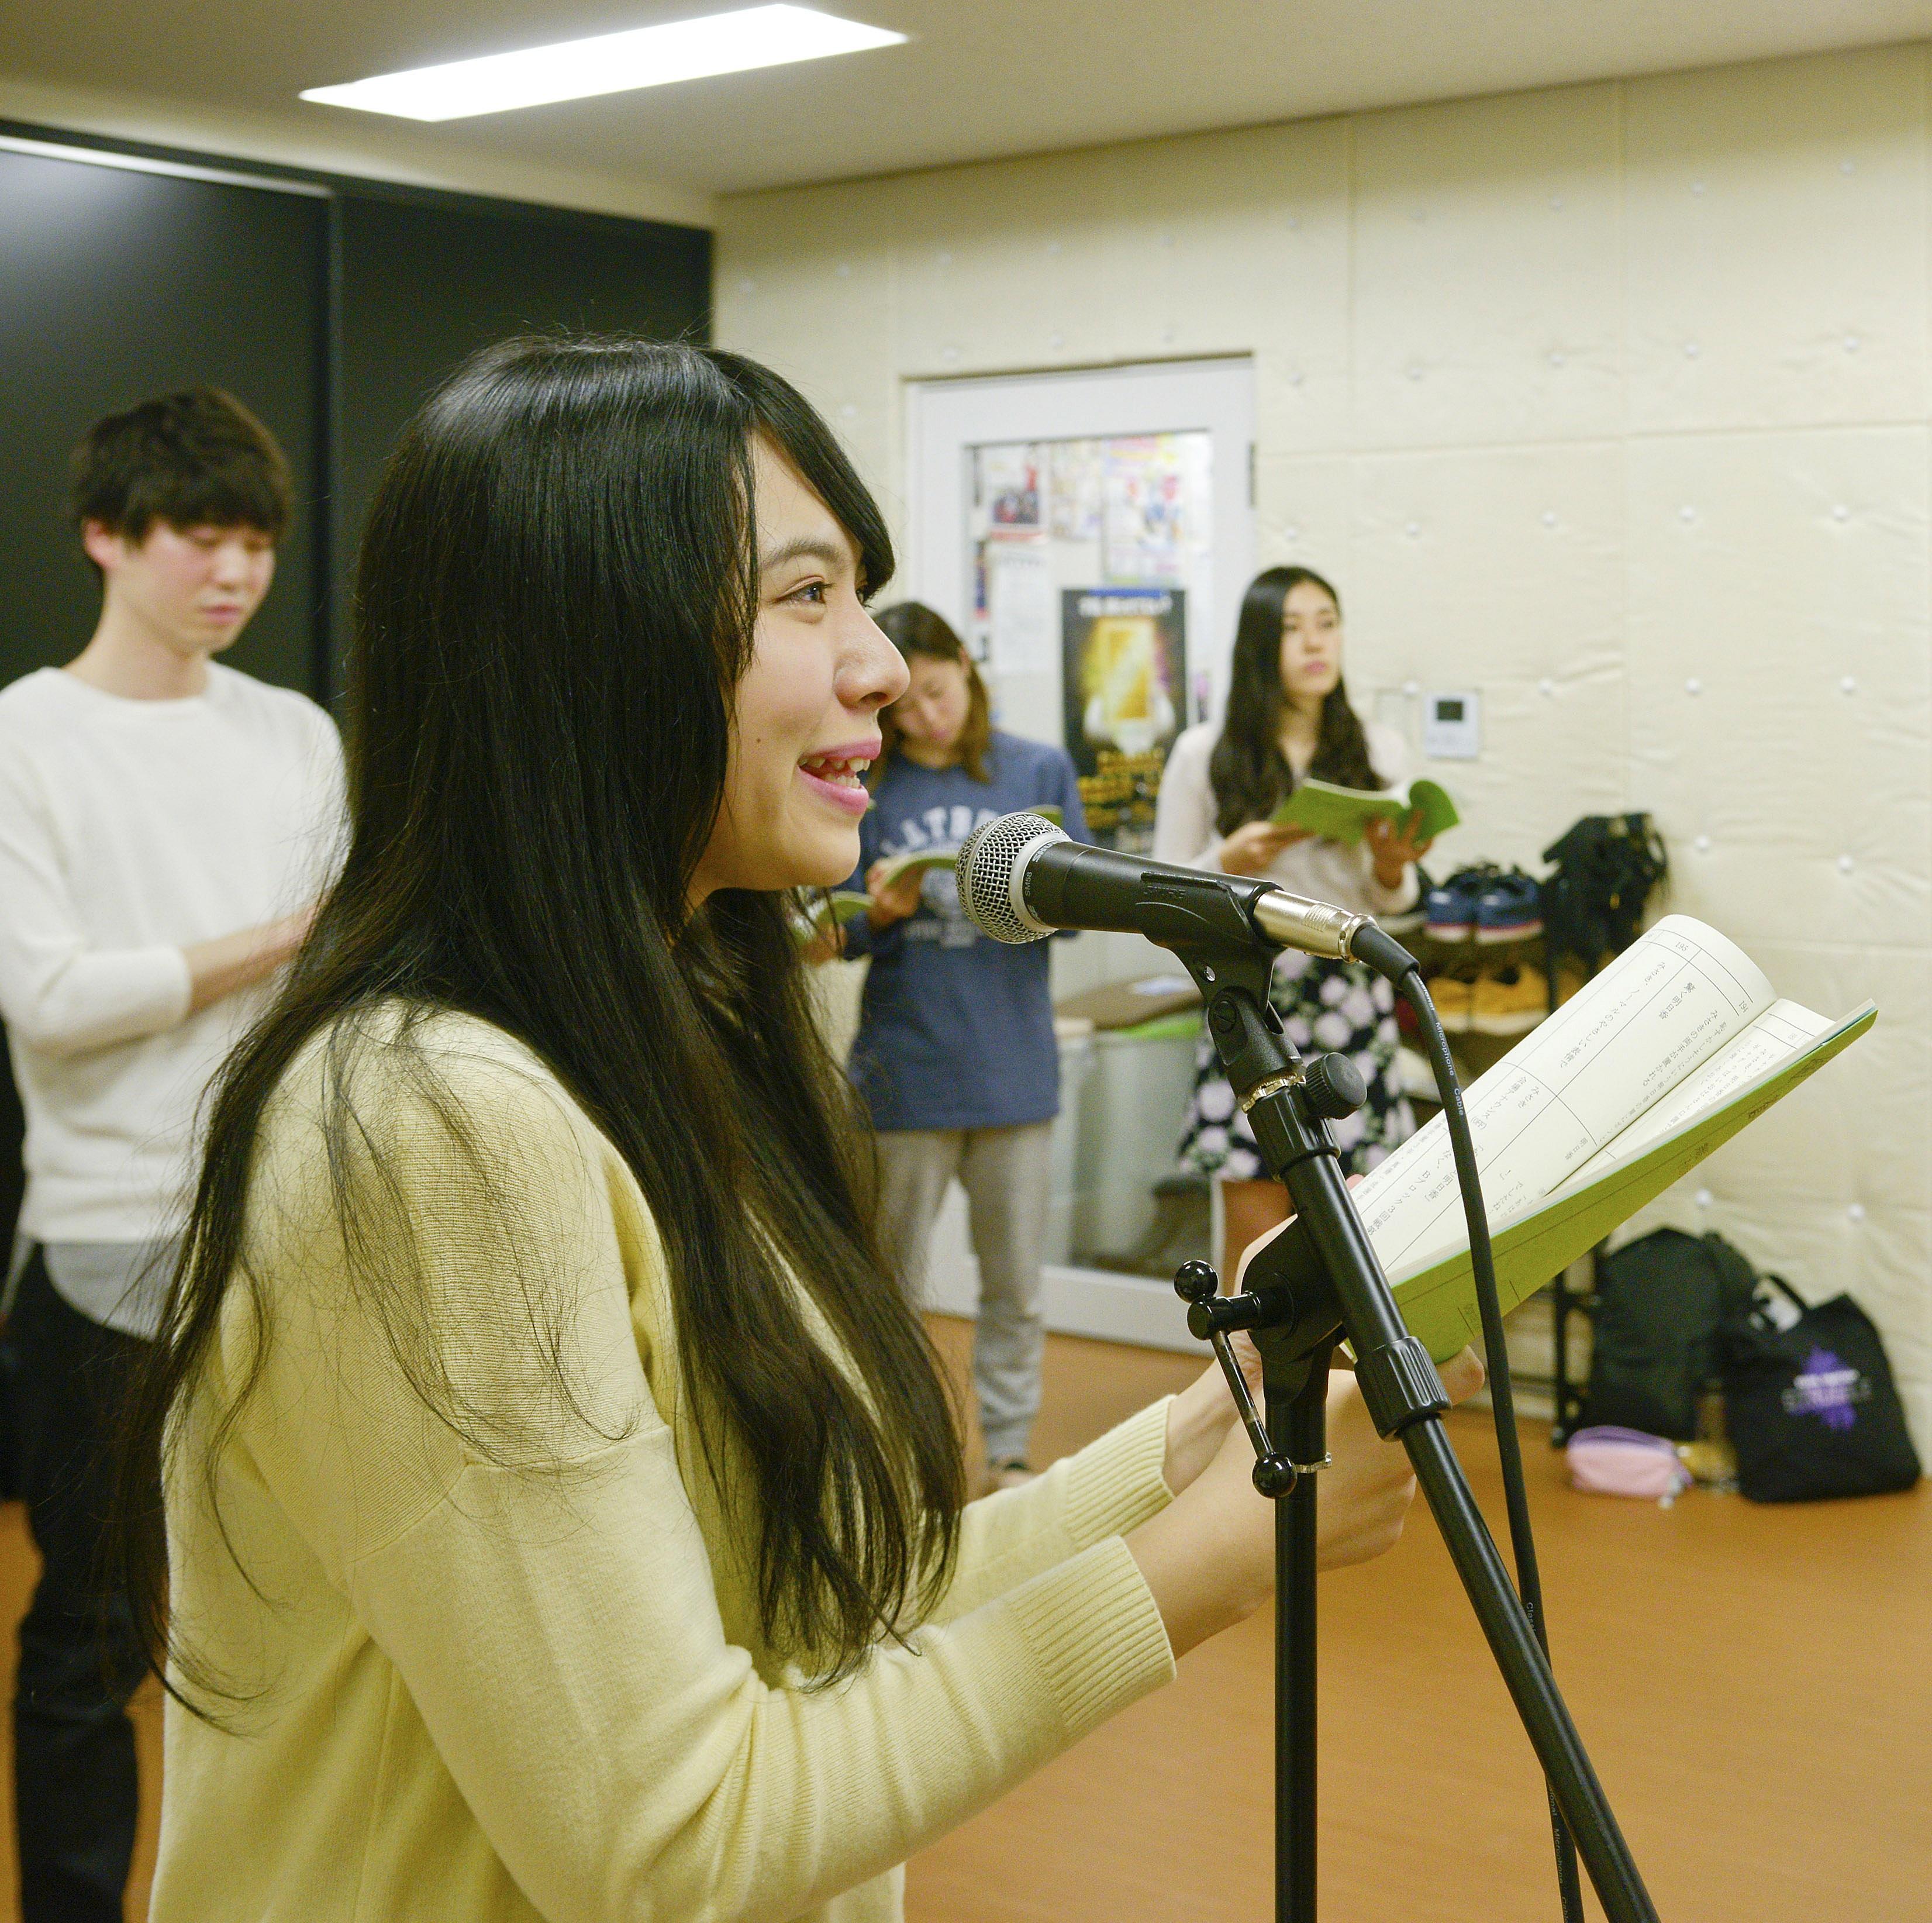 【個別説明会】高校卒業資格+声優分野が学べる学校!